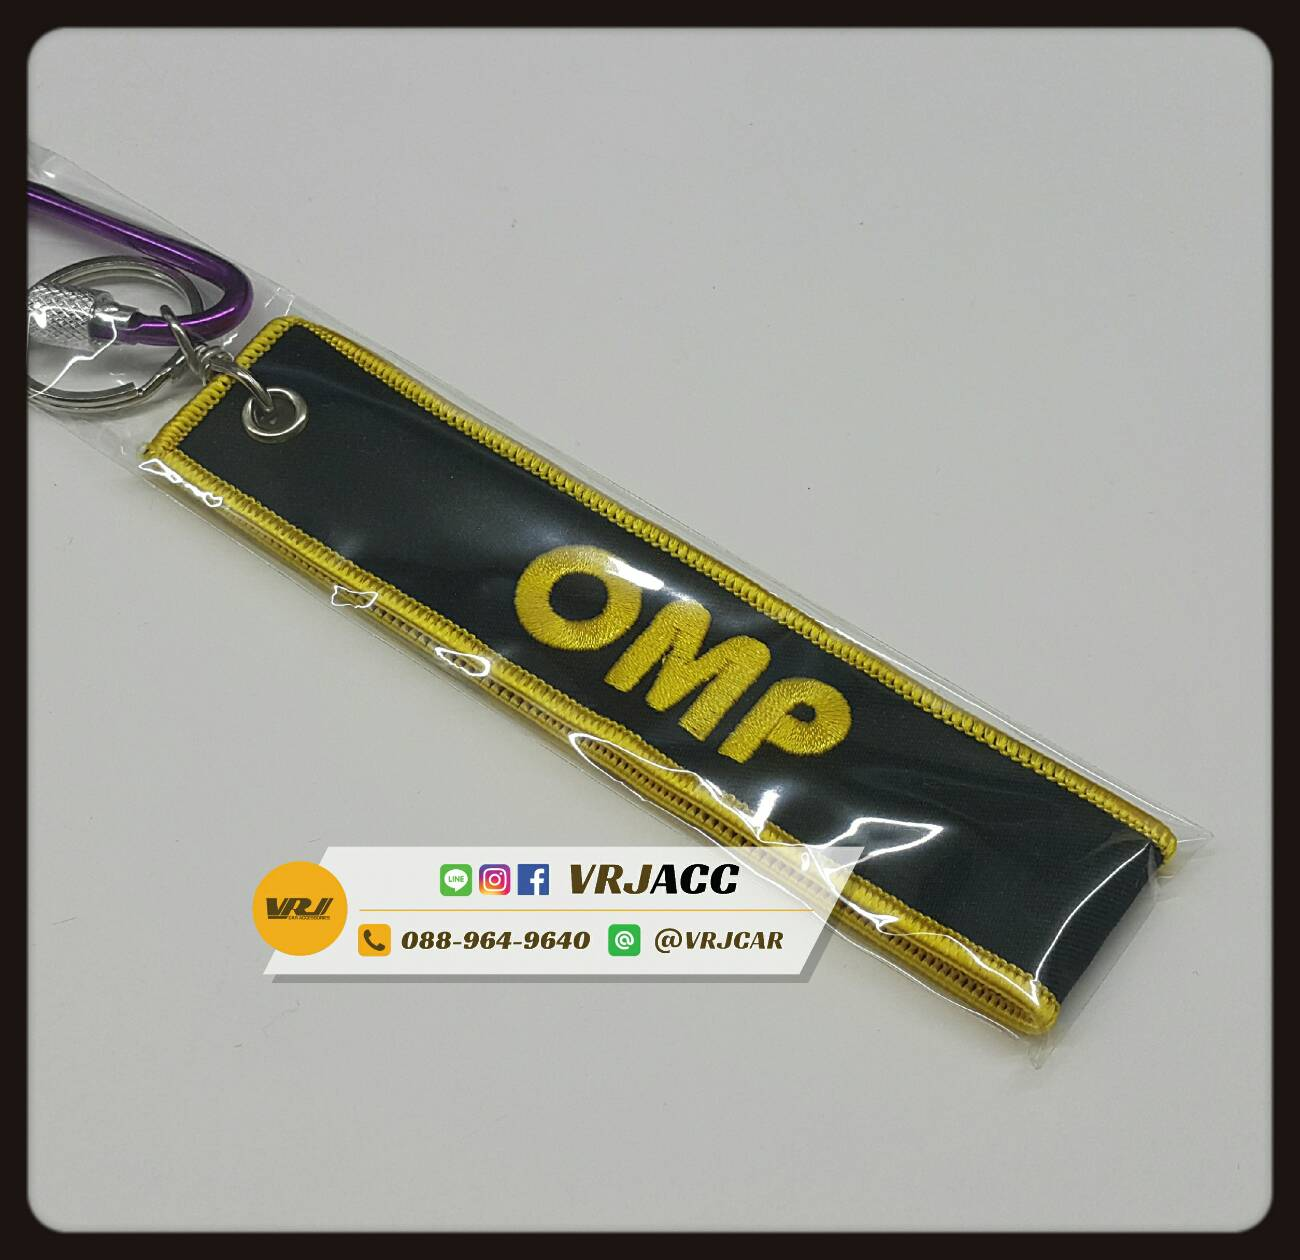 พวงกุญแจผ้า พร้อมตะขอเกี่ยว OMP : Keychain